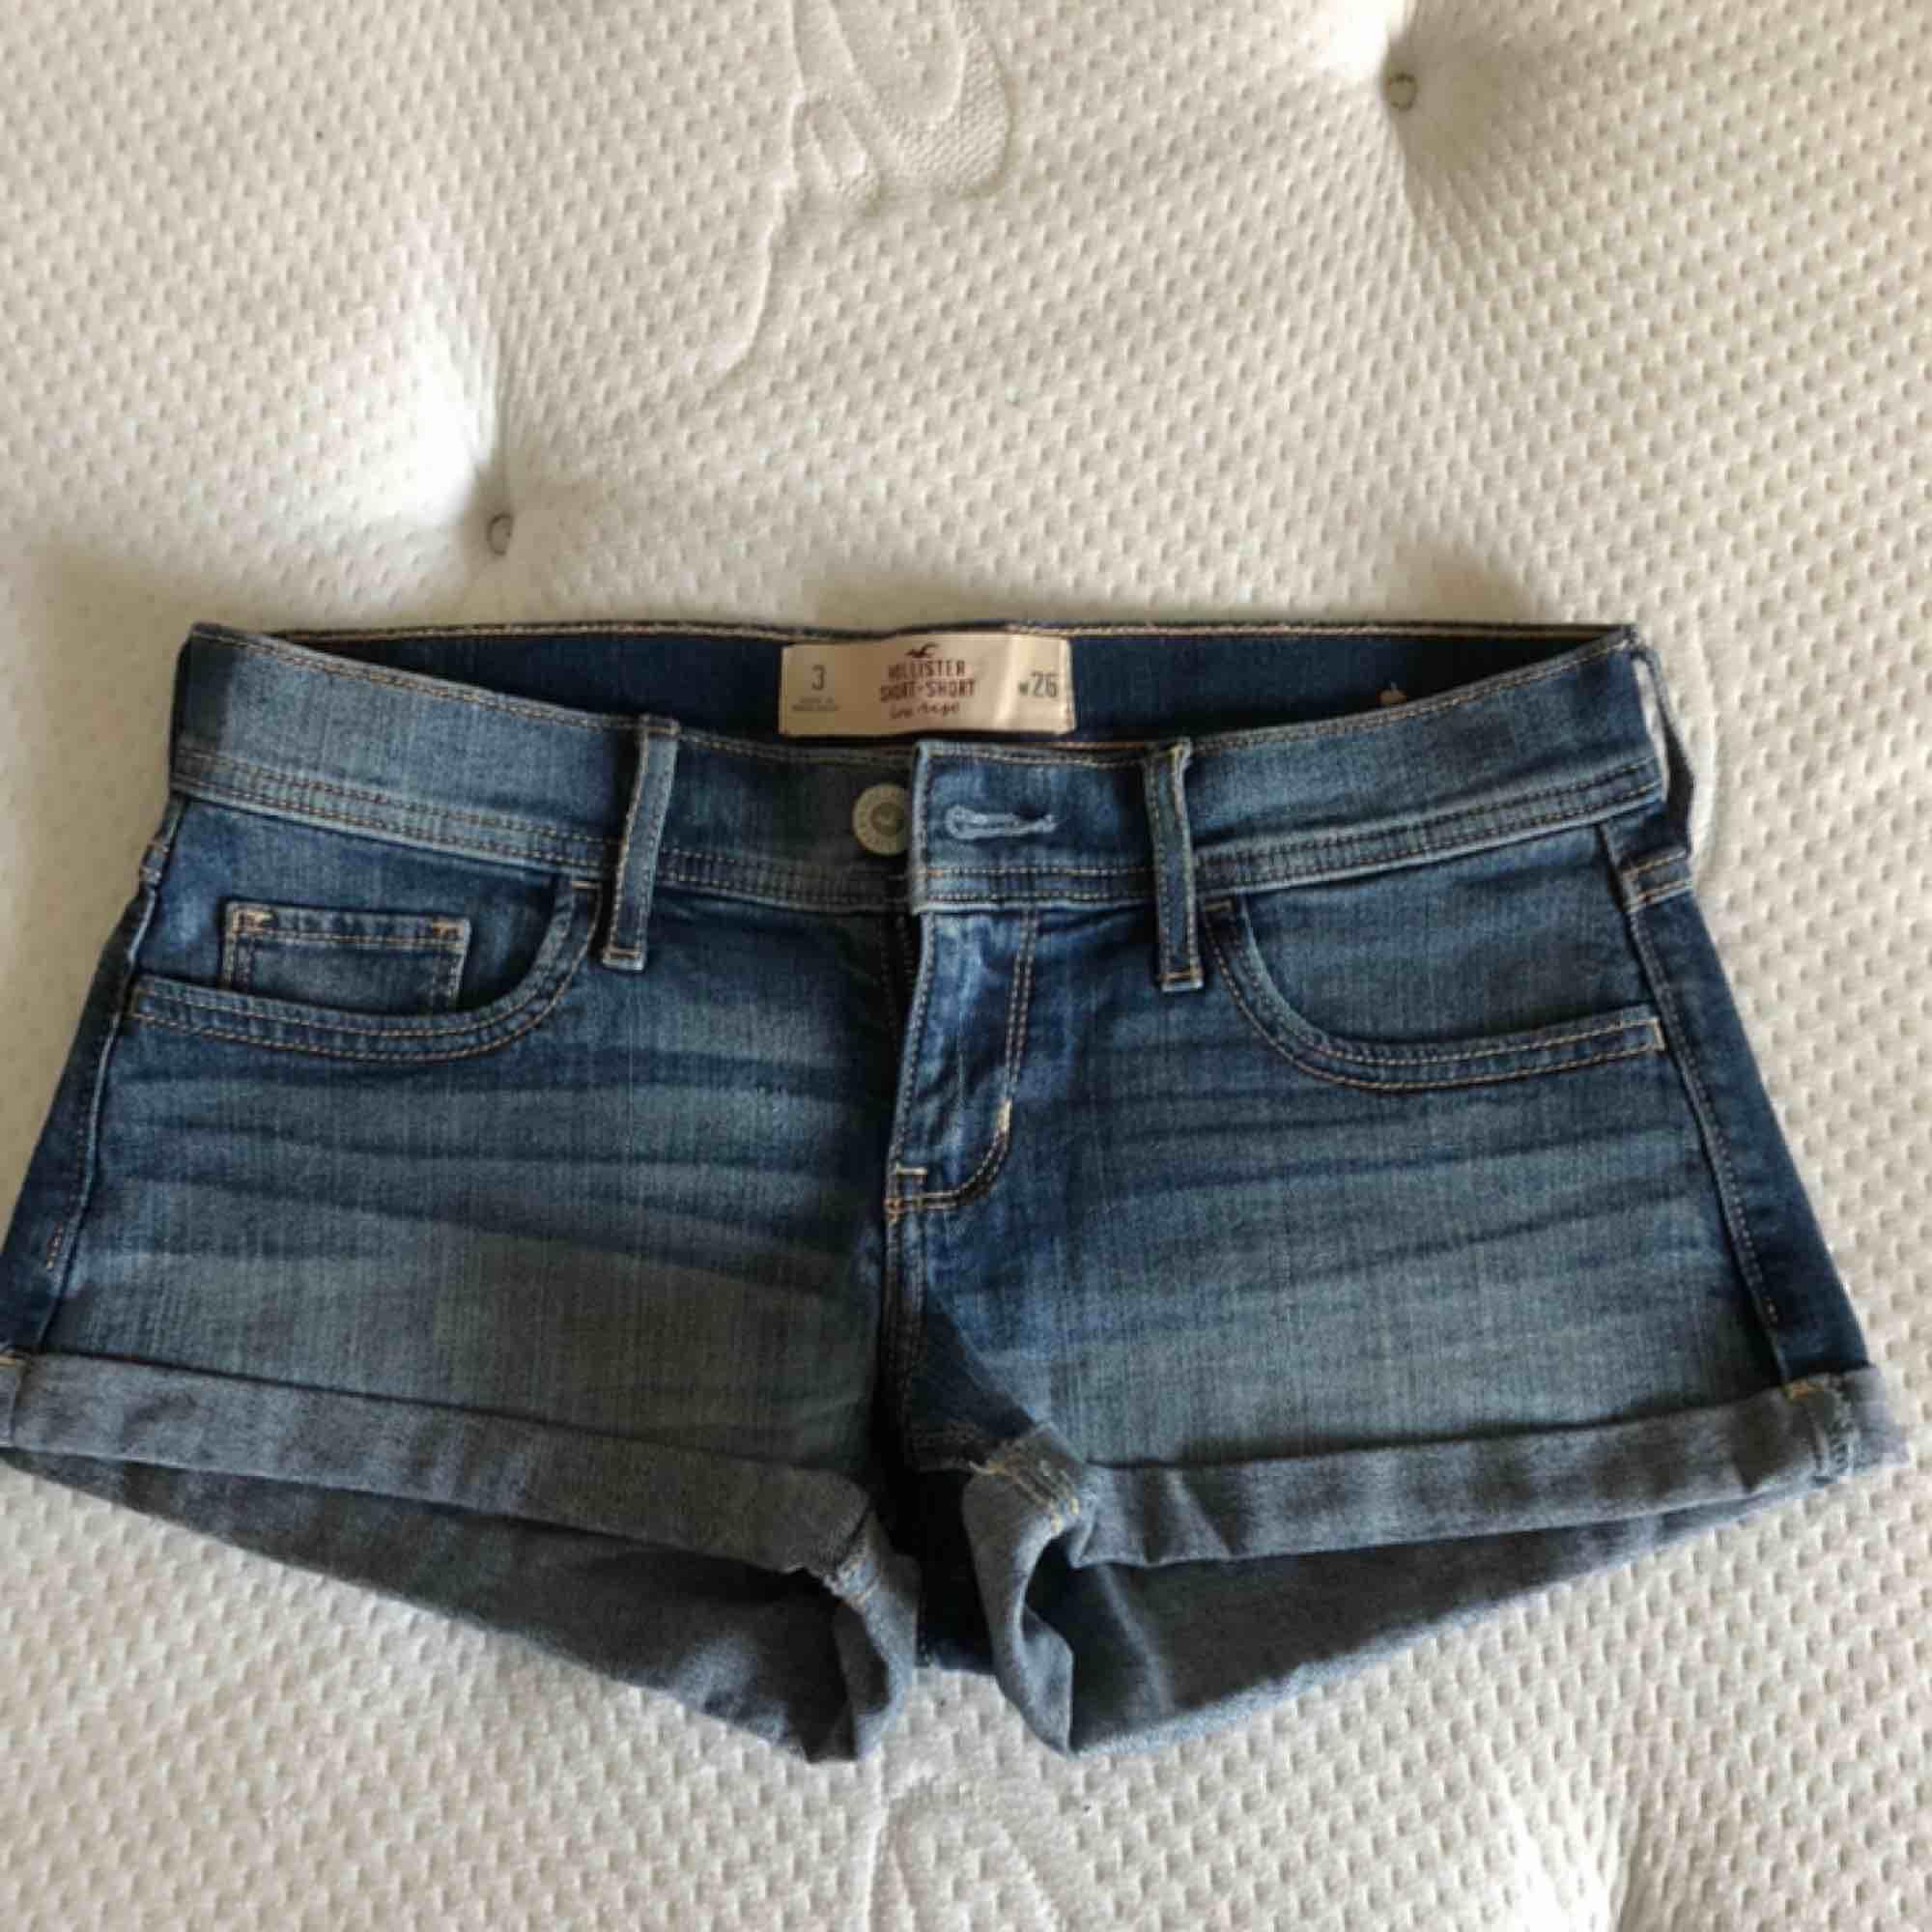 Shortsen är använda men fortfarande i gott skick. Shortsens modell är korta till midjan och har storlek 26, säljs för 20kr. Shorts.